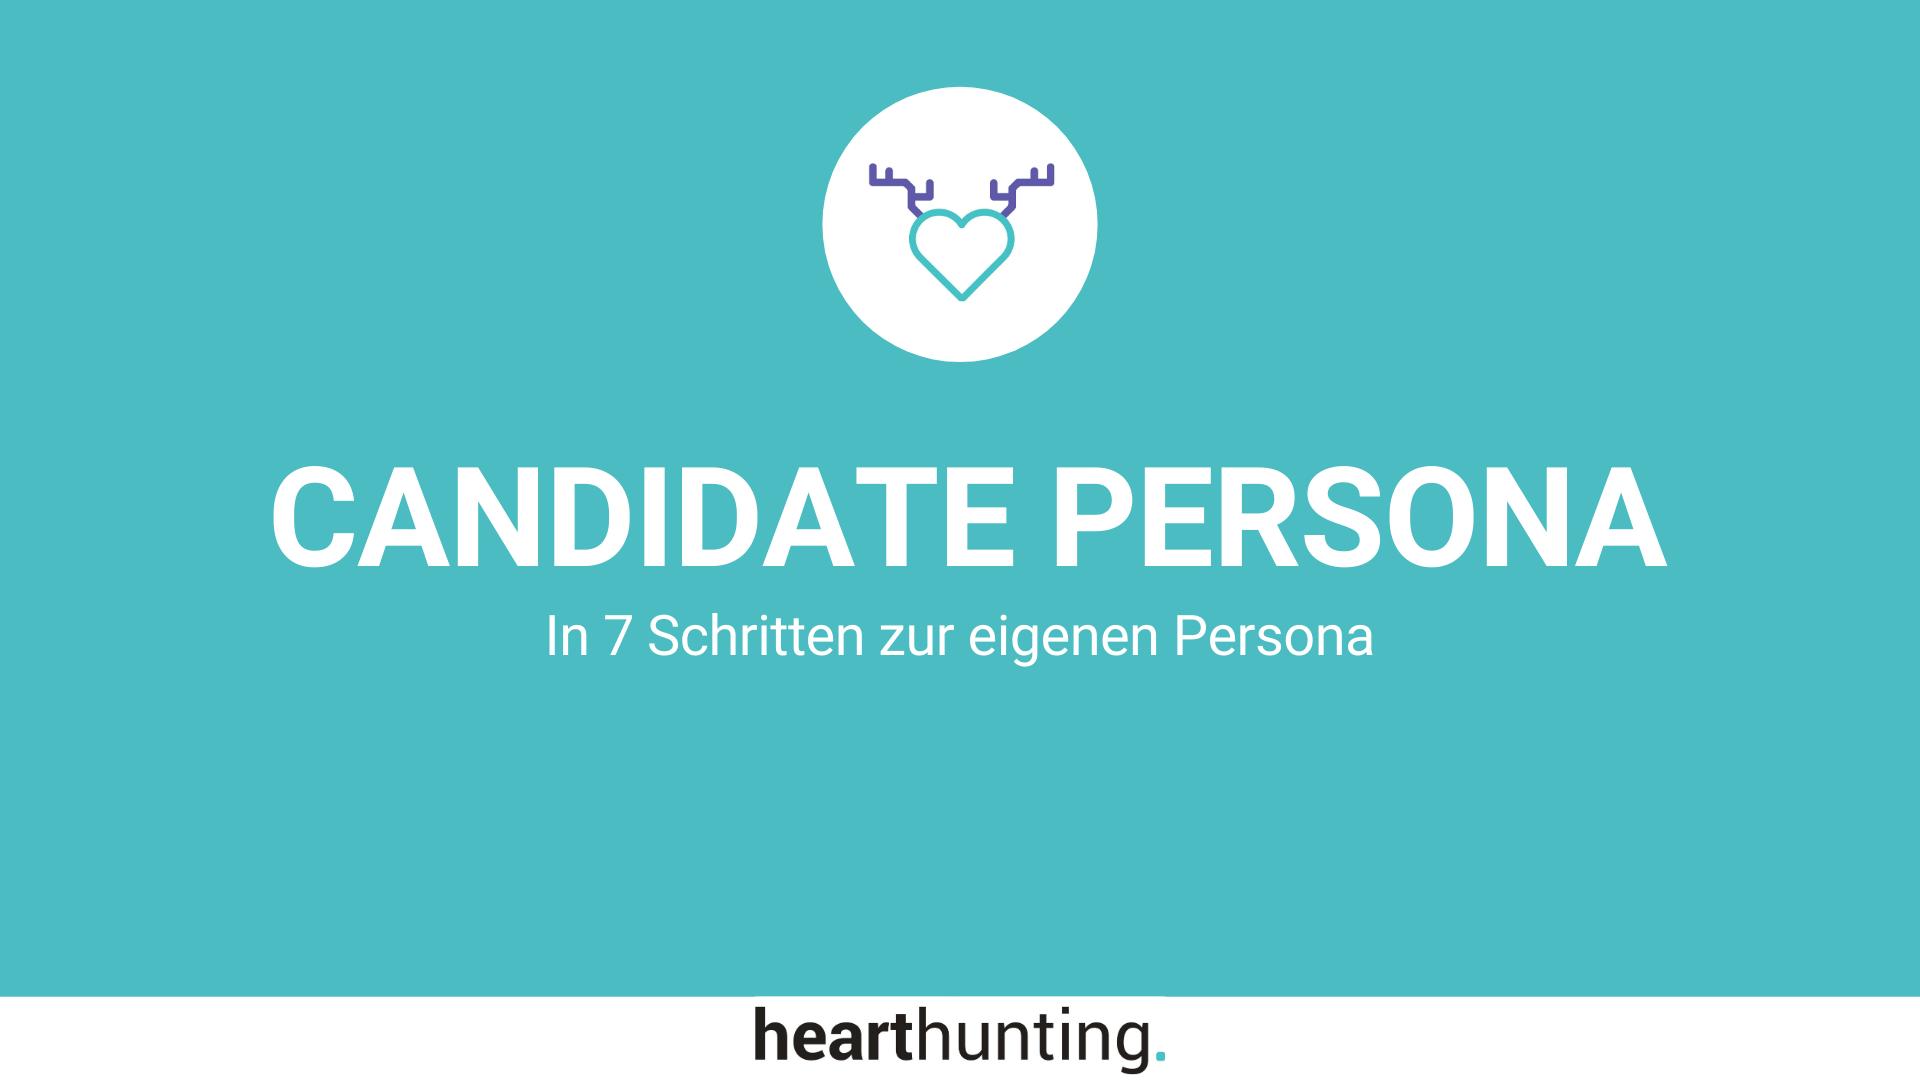 Candidate Persona - In 7 Schritten zur eigenen Persona